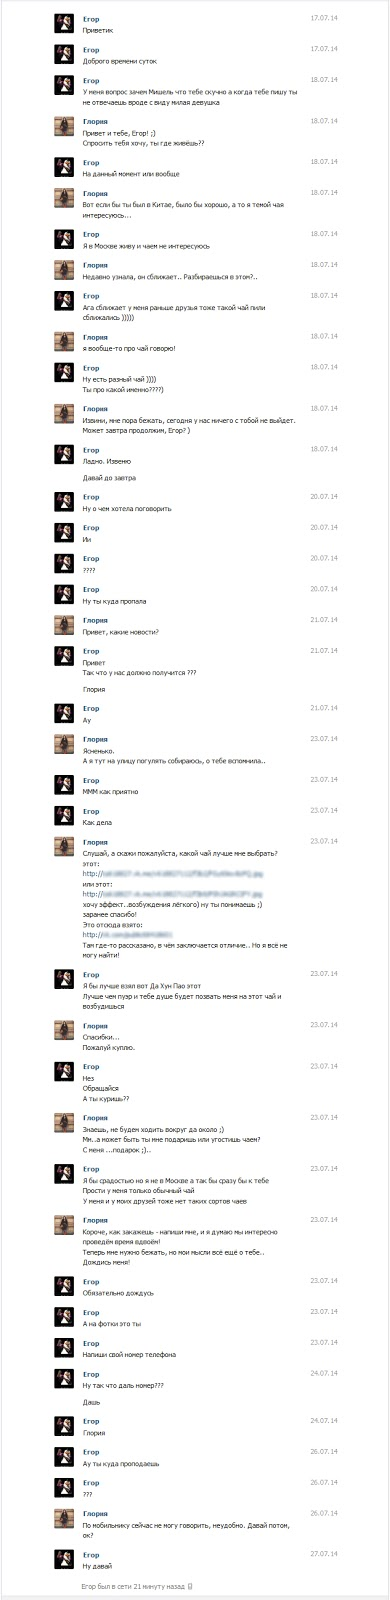 пример диалога как завести знакомство